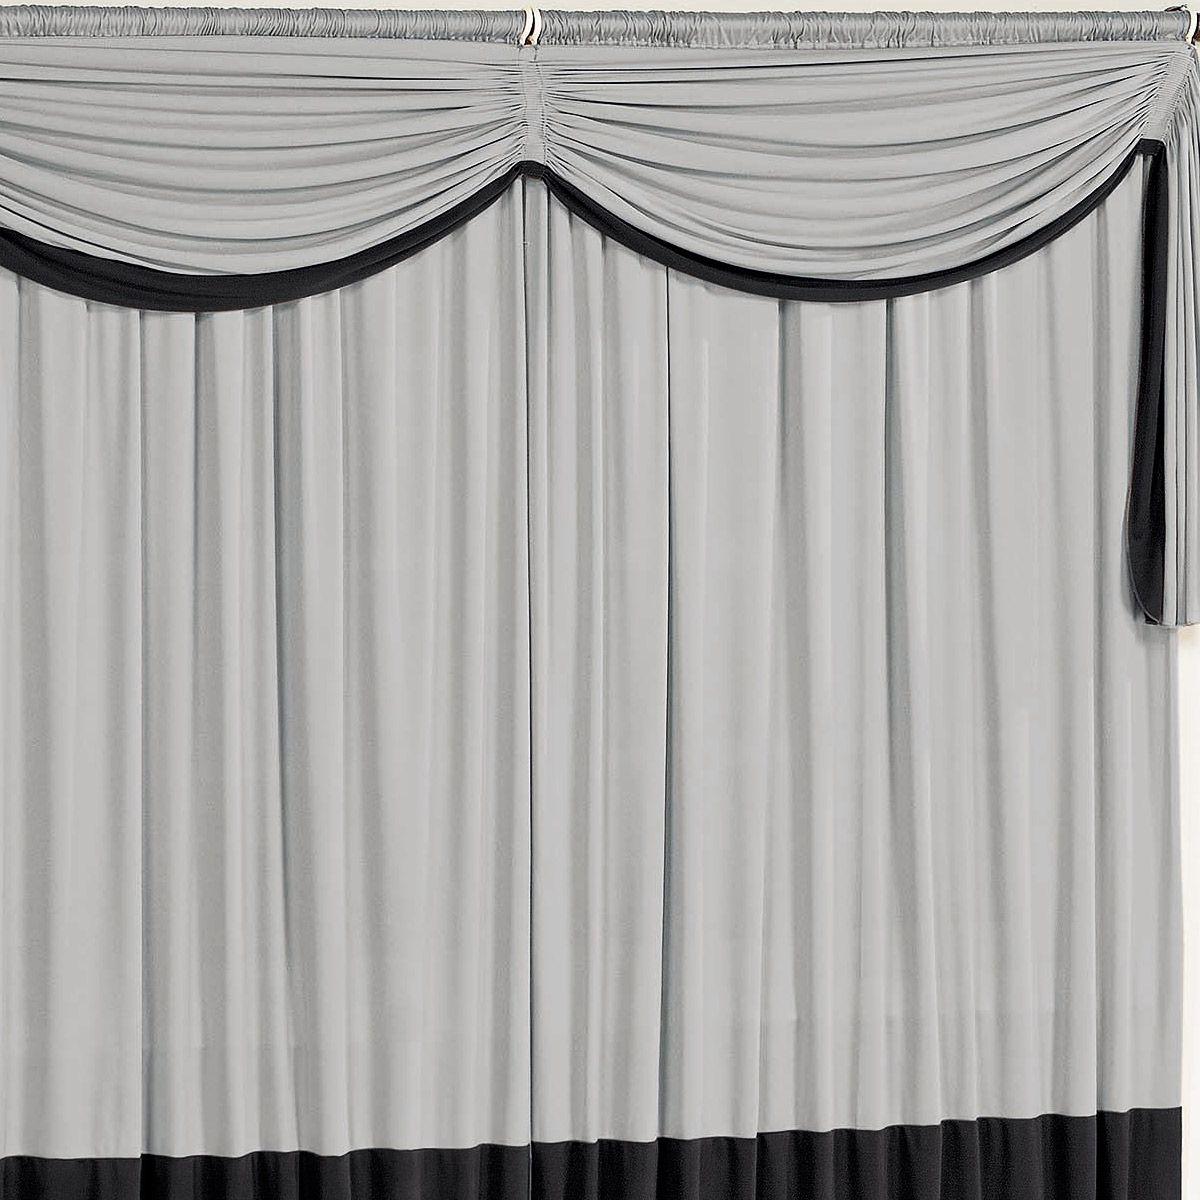 20170226174911_cortinas Para Quarto Preto E Branco Beigit Com ~ Cortinas De Luxo Para Quarto E Quarto Amarelo E Branco